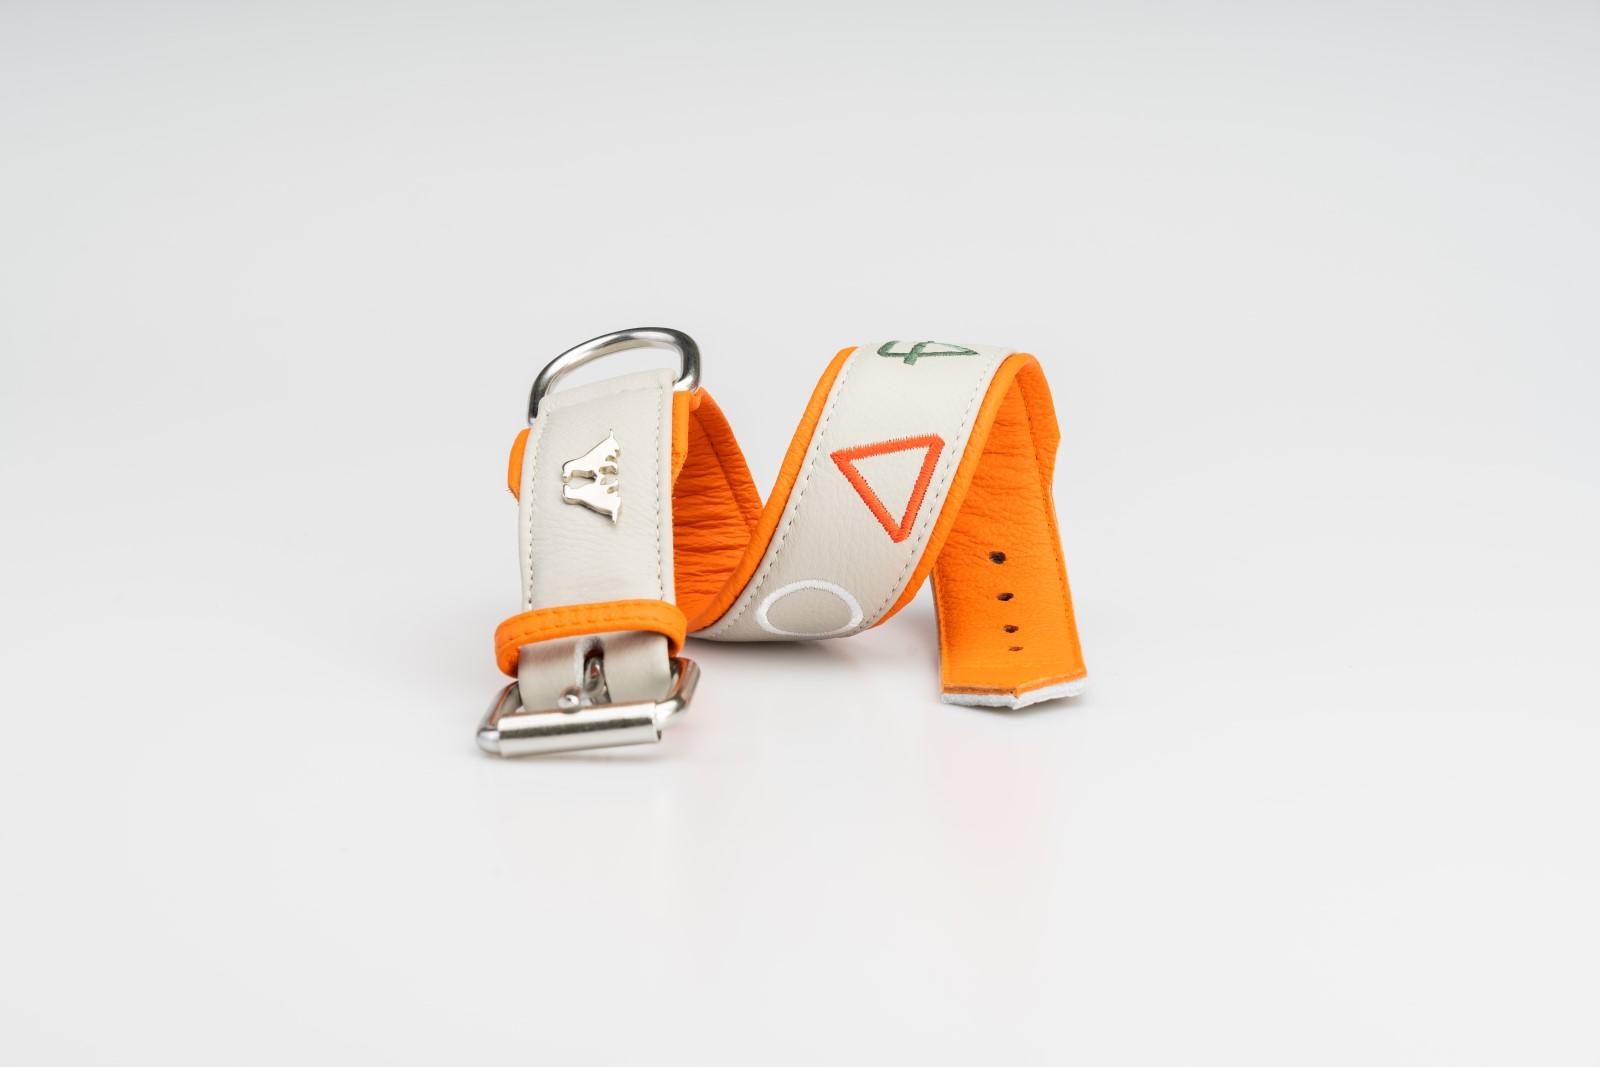 collare-per-cani-iside-forme-geometriche-6